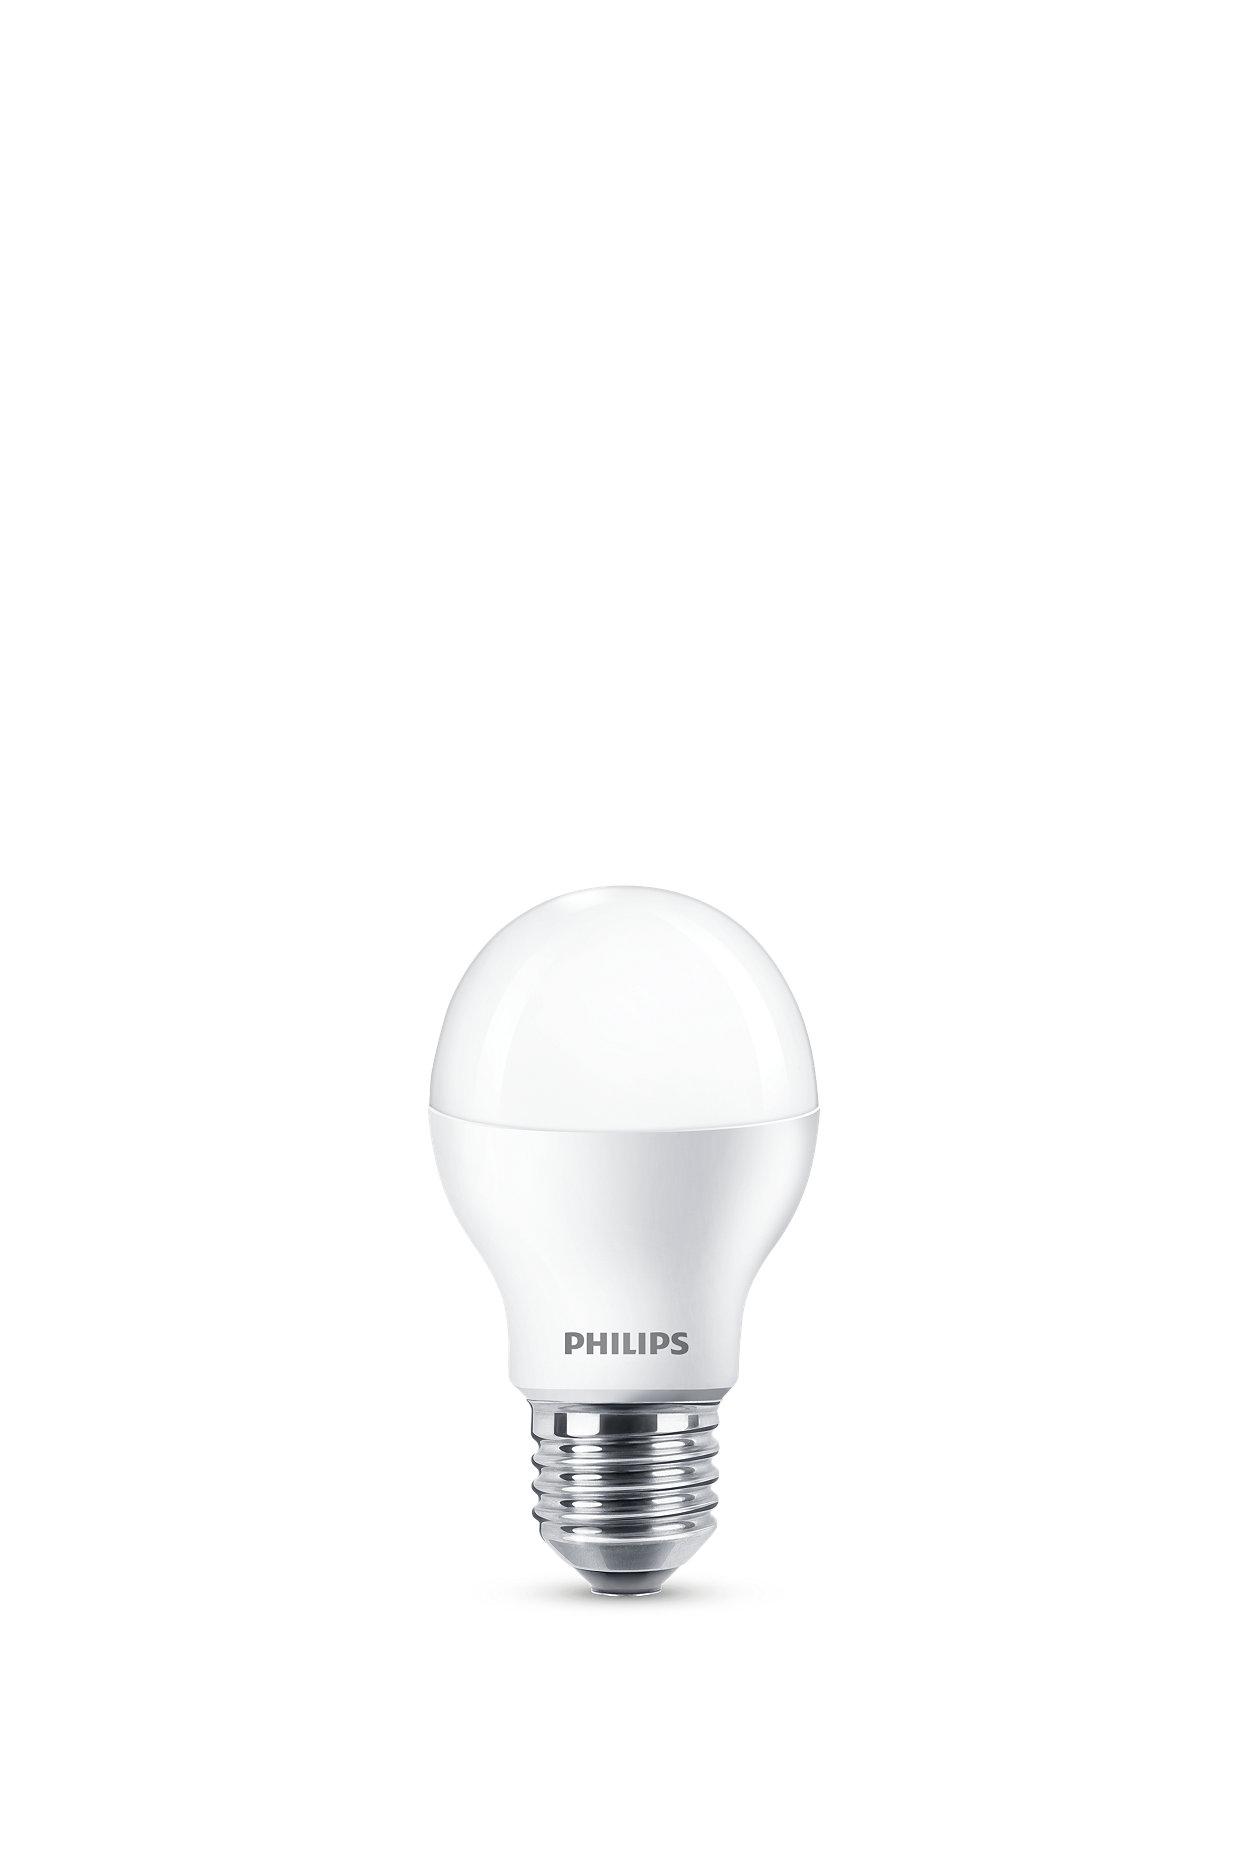 暖白光,对照明质量无影响